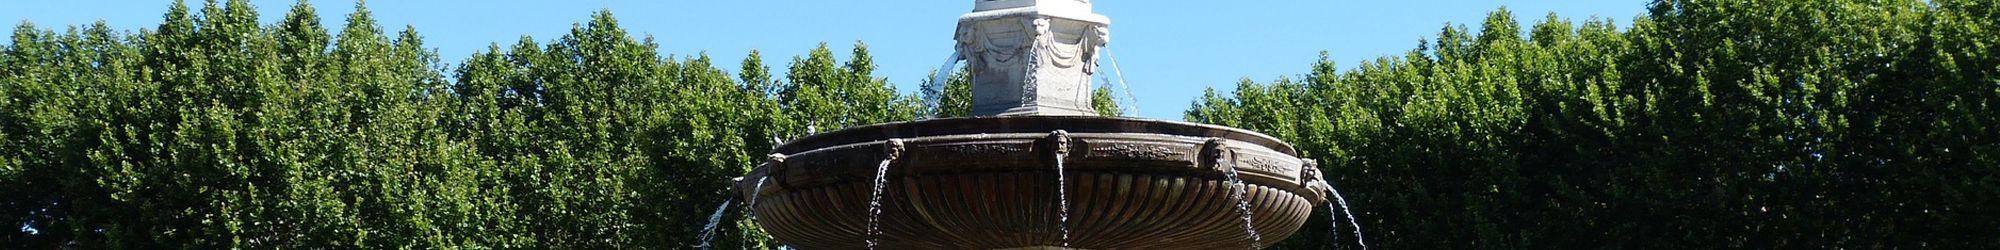 Fontaine d'Aix en Provence